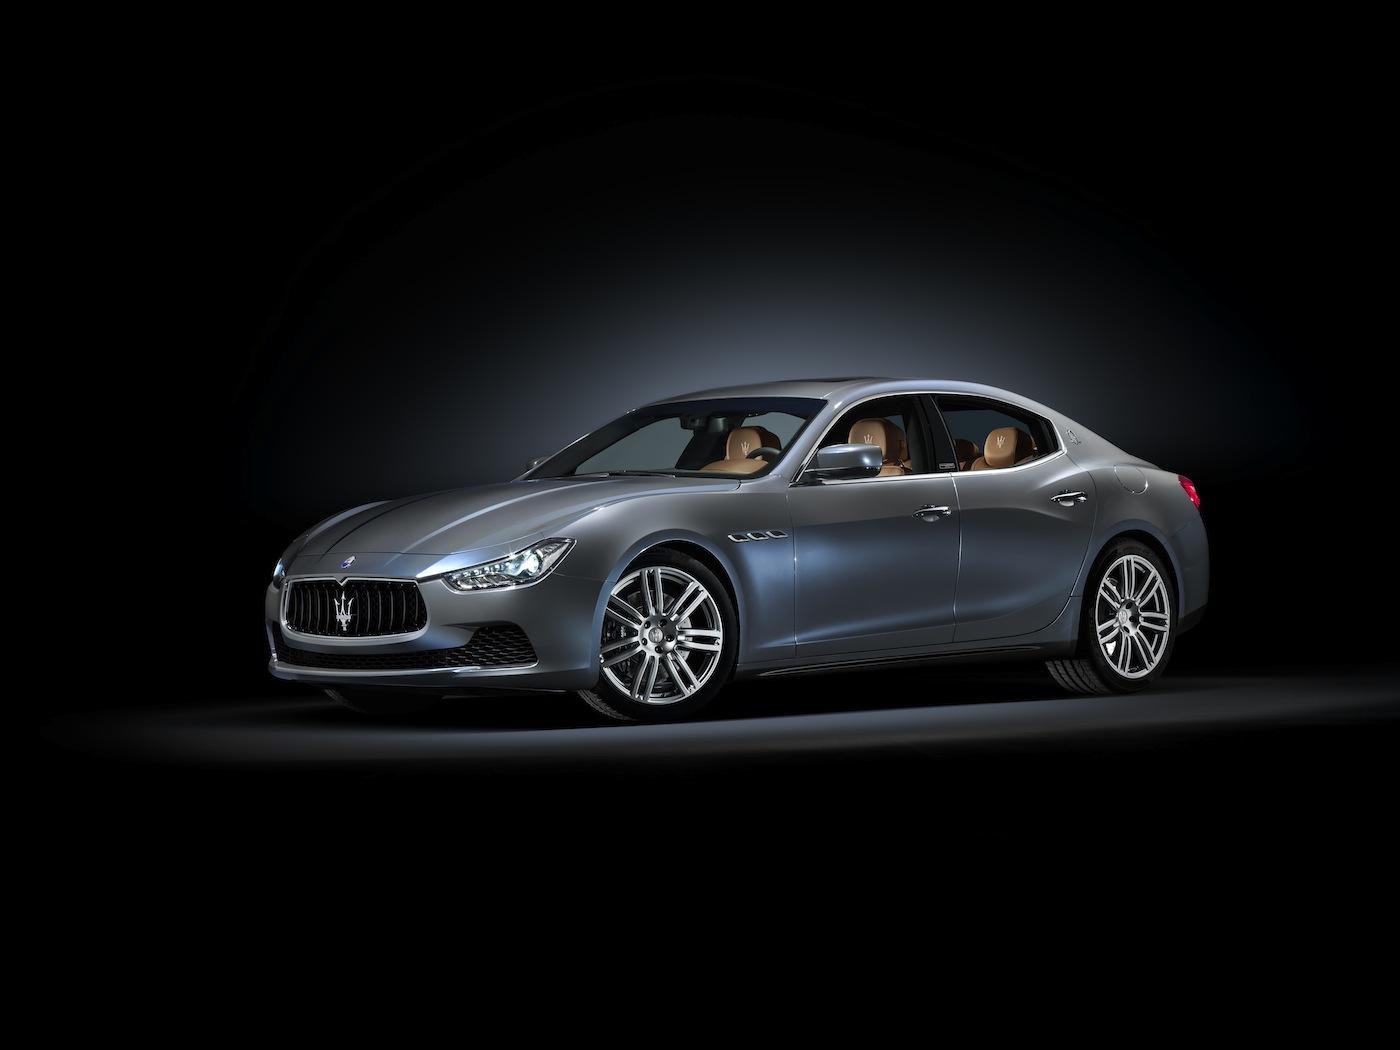 Maserati Ghibli Ermenegildo Zegna Edition Concept 2014 01